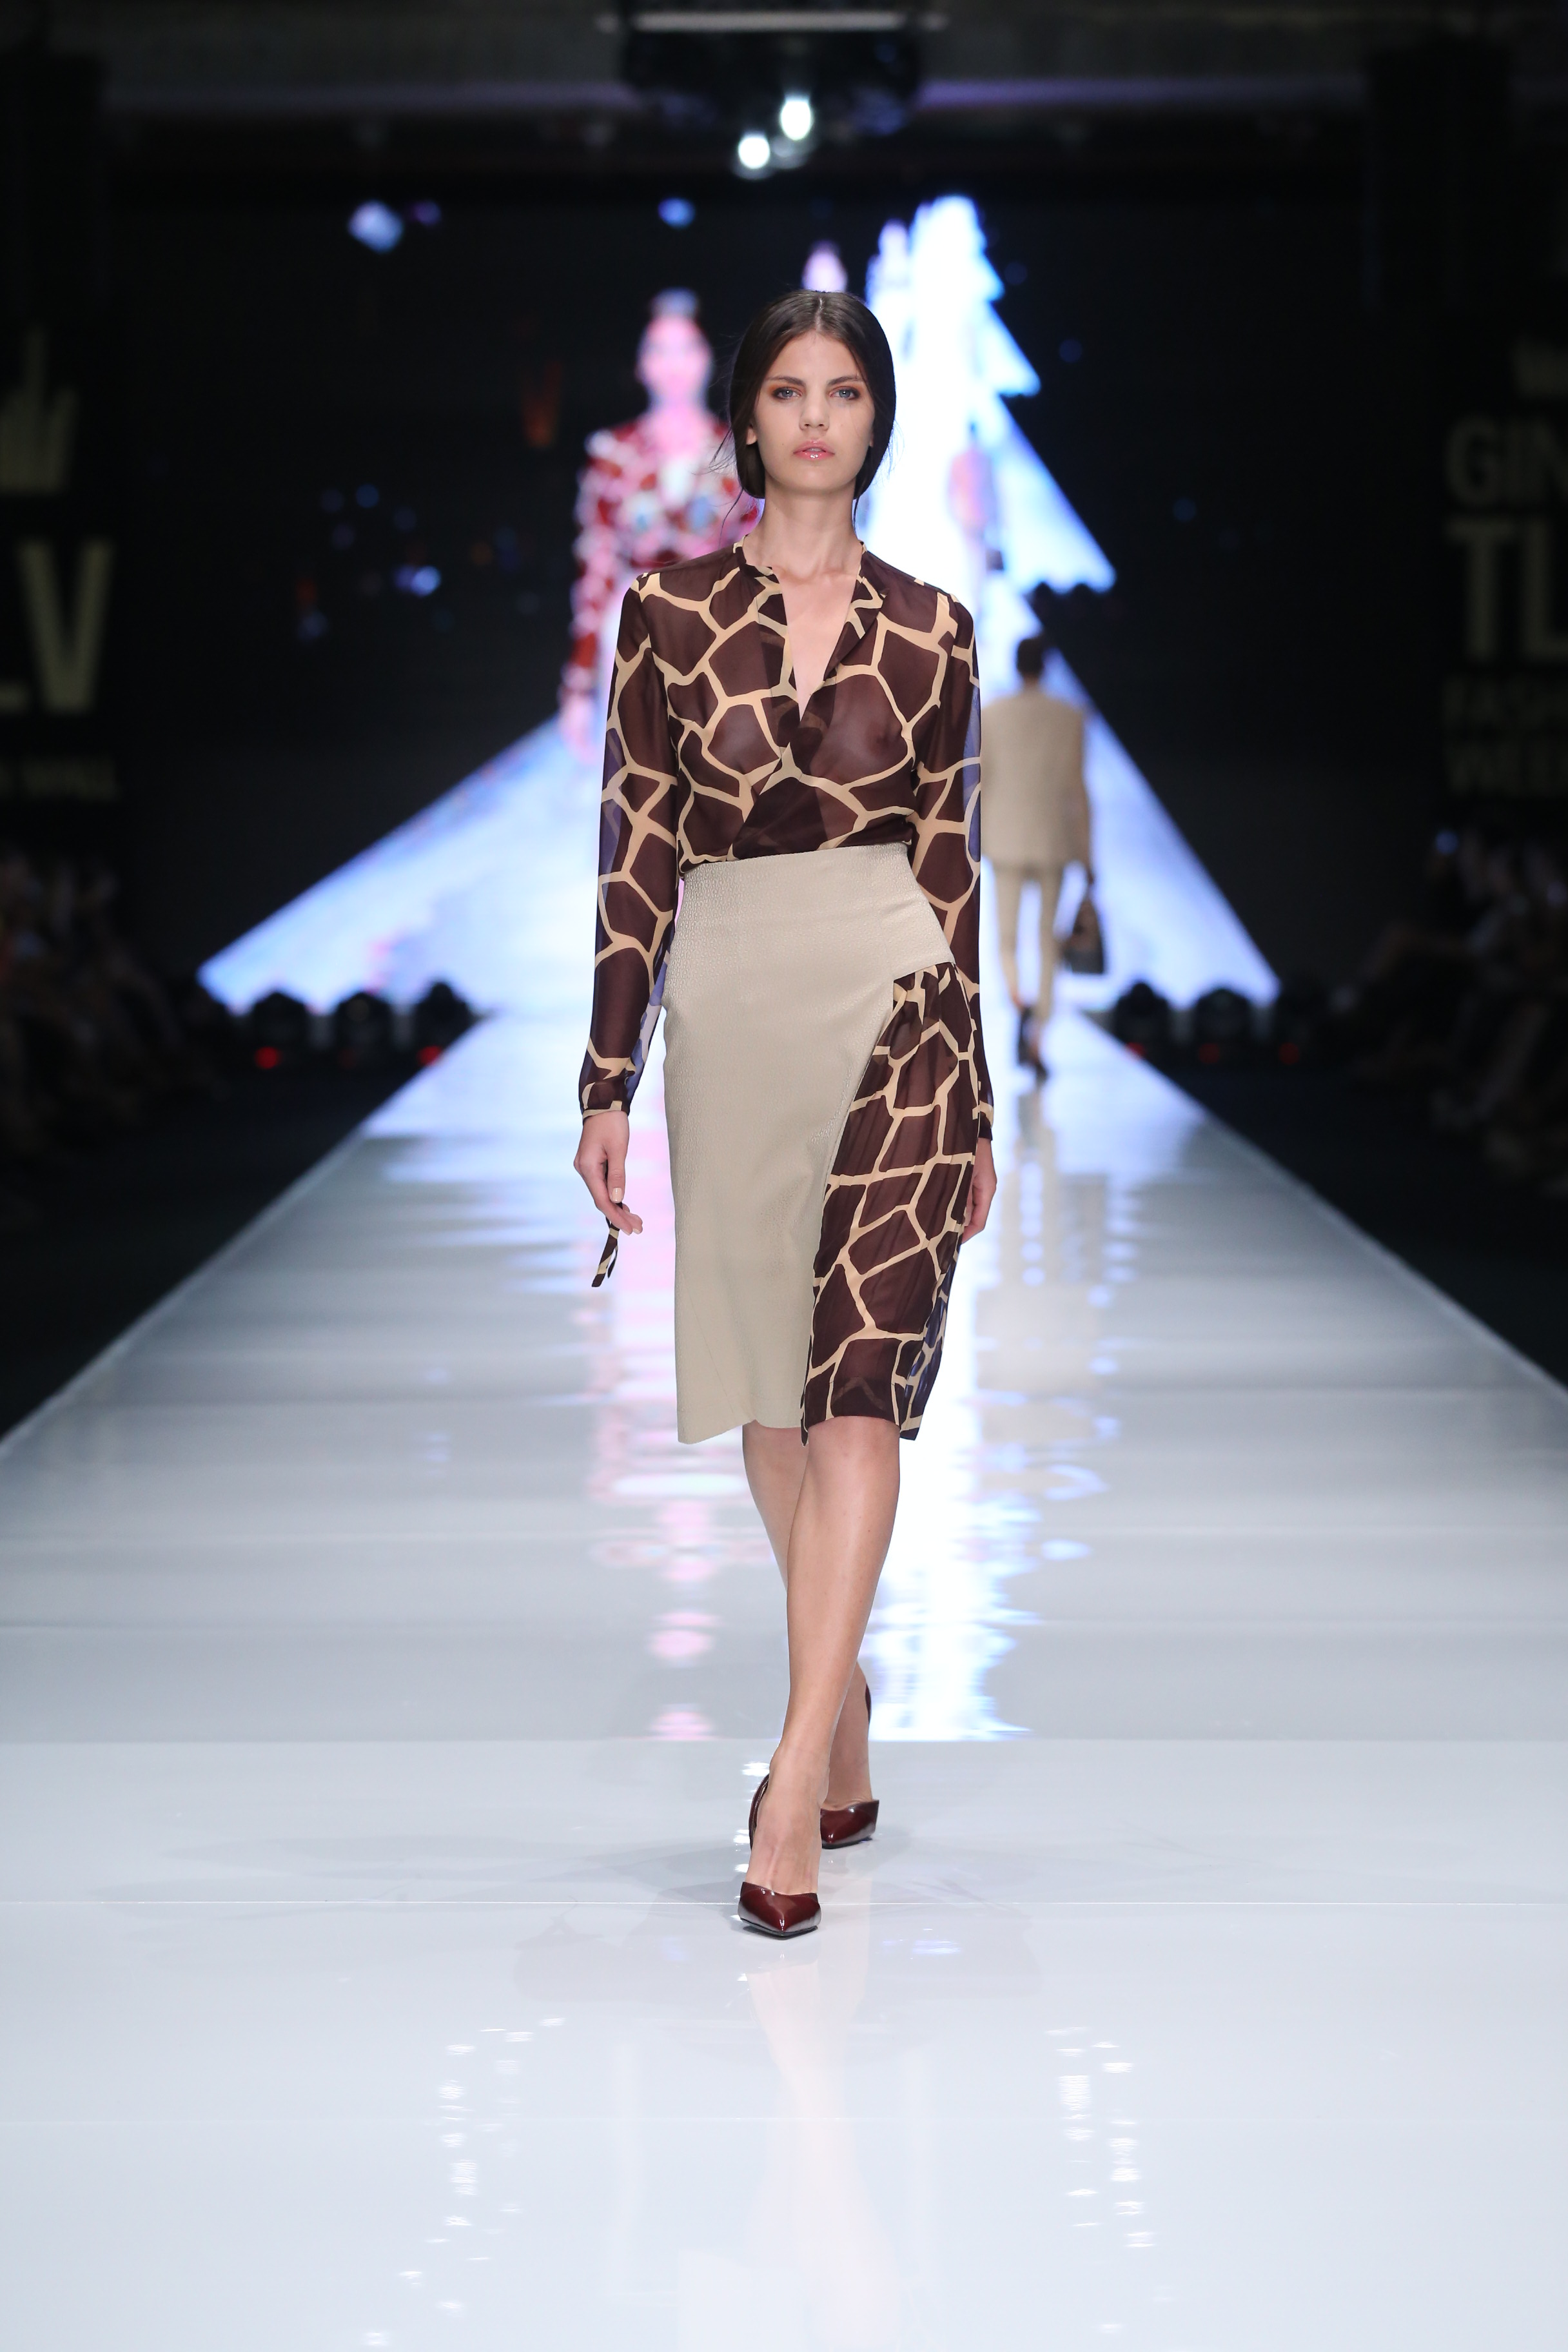 SHAI SHALOM FW15 שי שלום שבוע האופנה גינדי תל אביב צילום אבי ולדמן _018.jpg